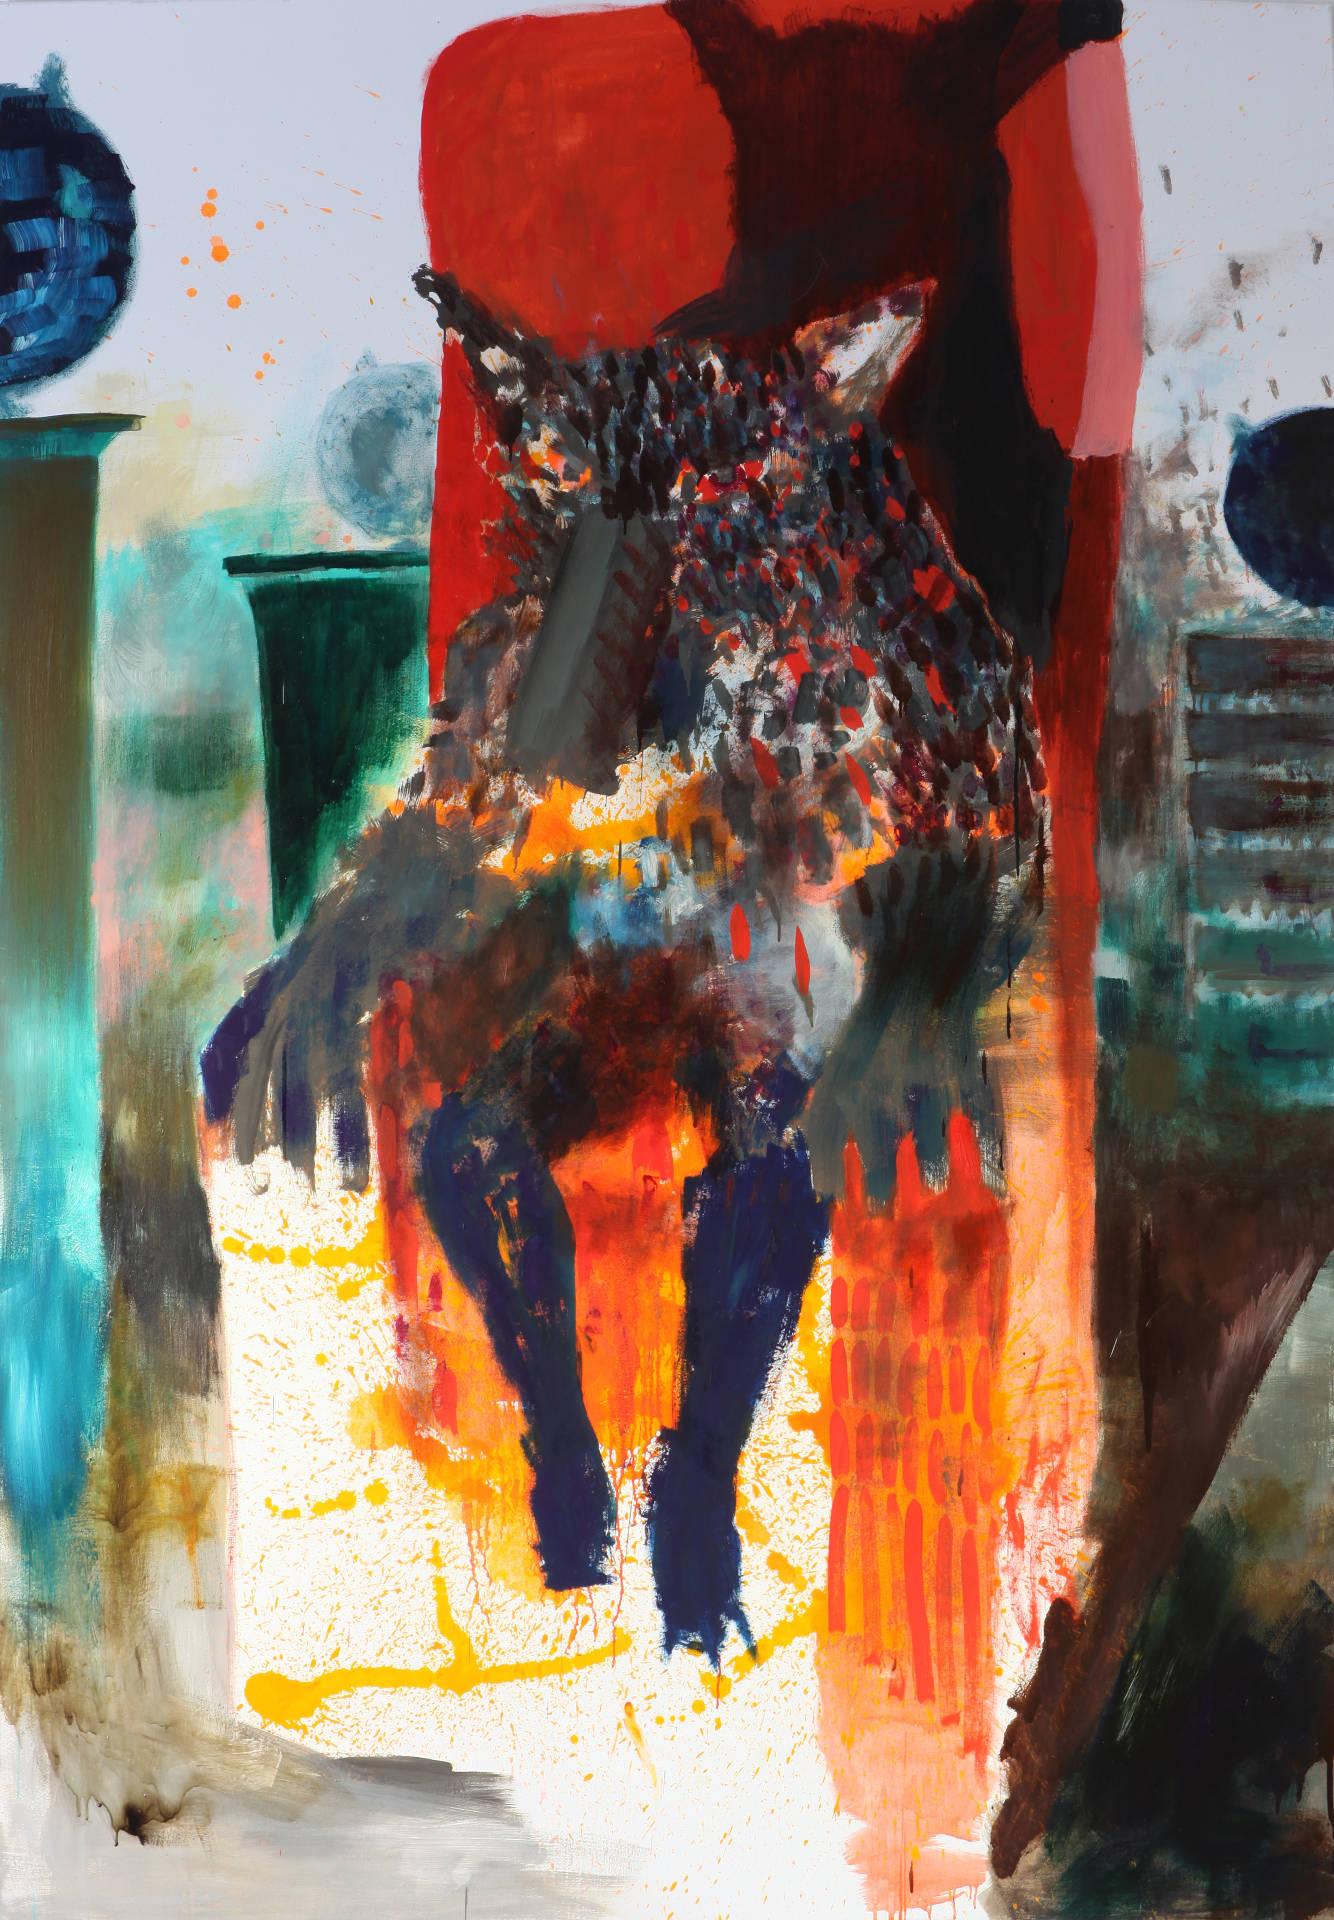 Wolf am Kamin by Jonas Hofrichter